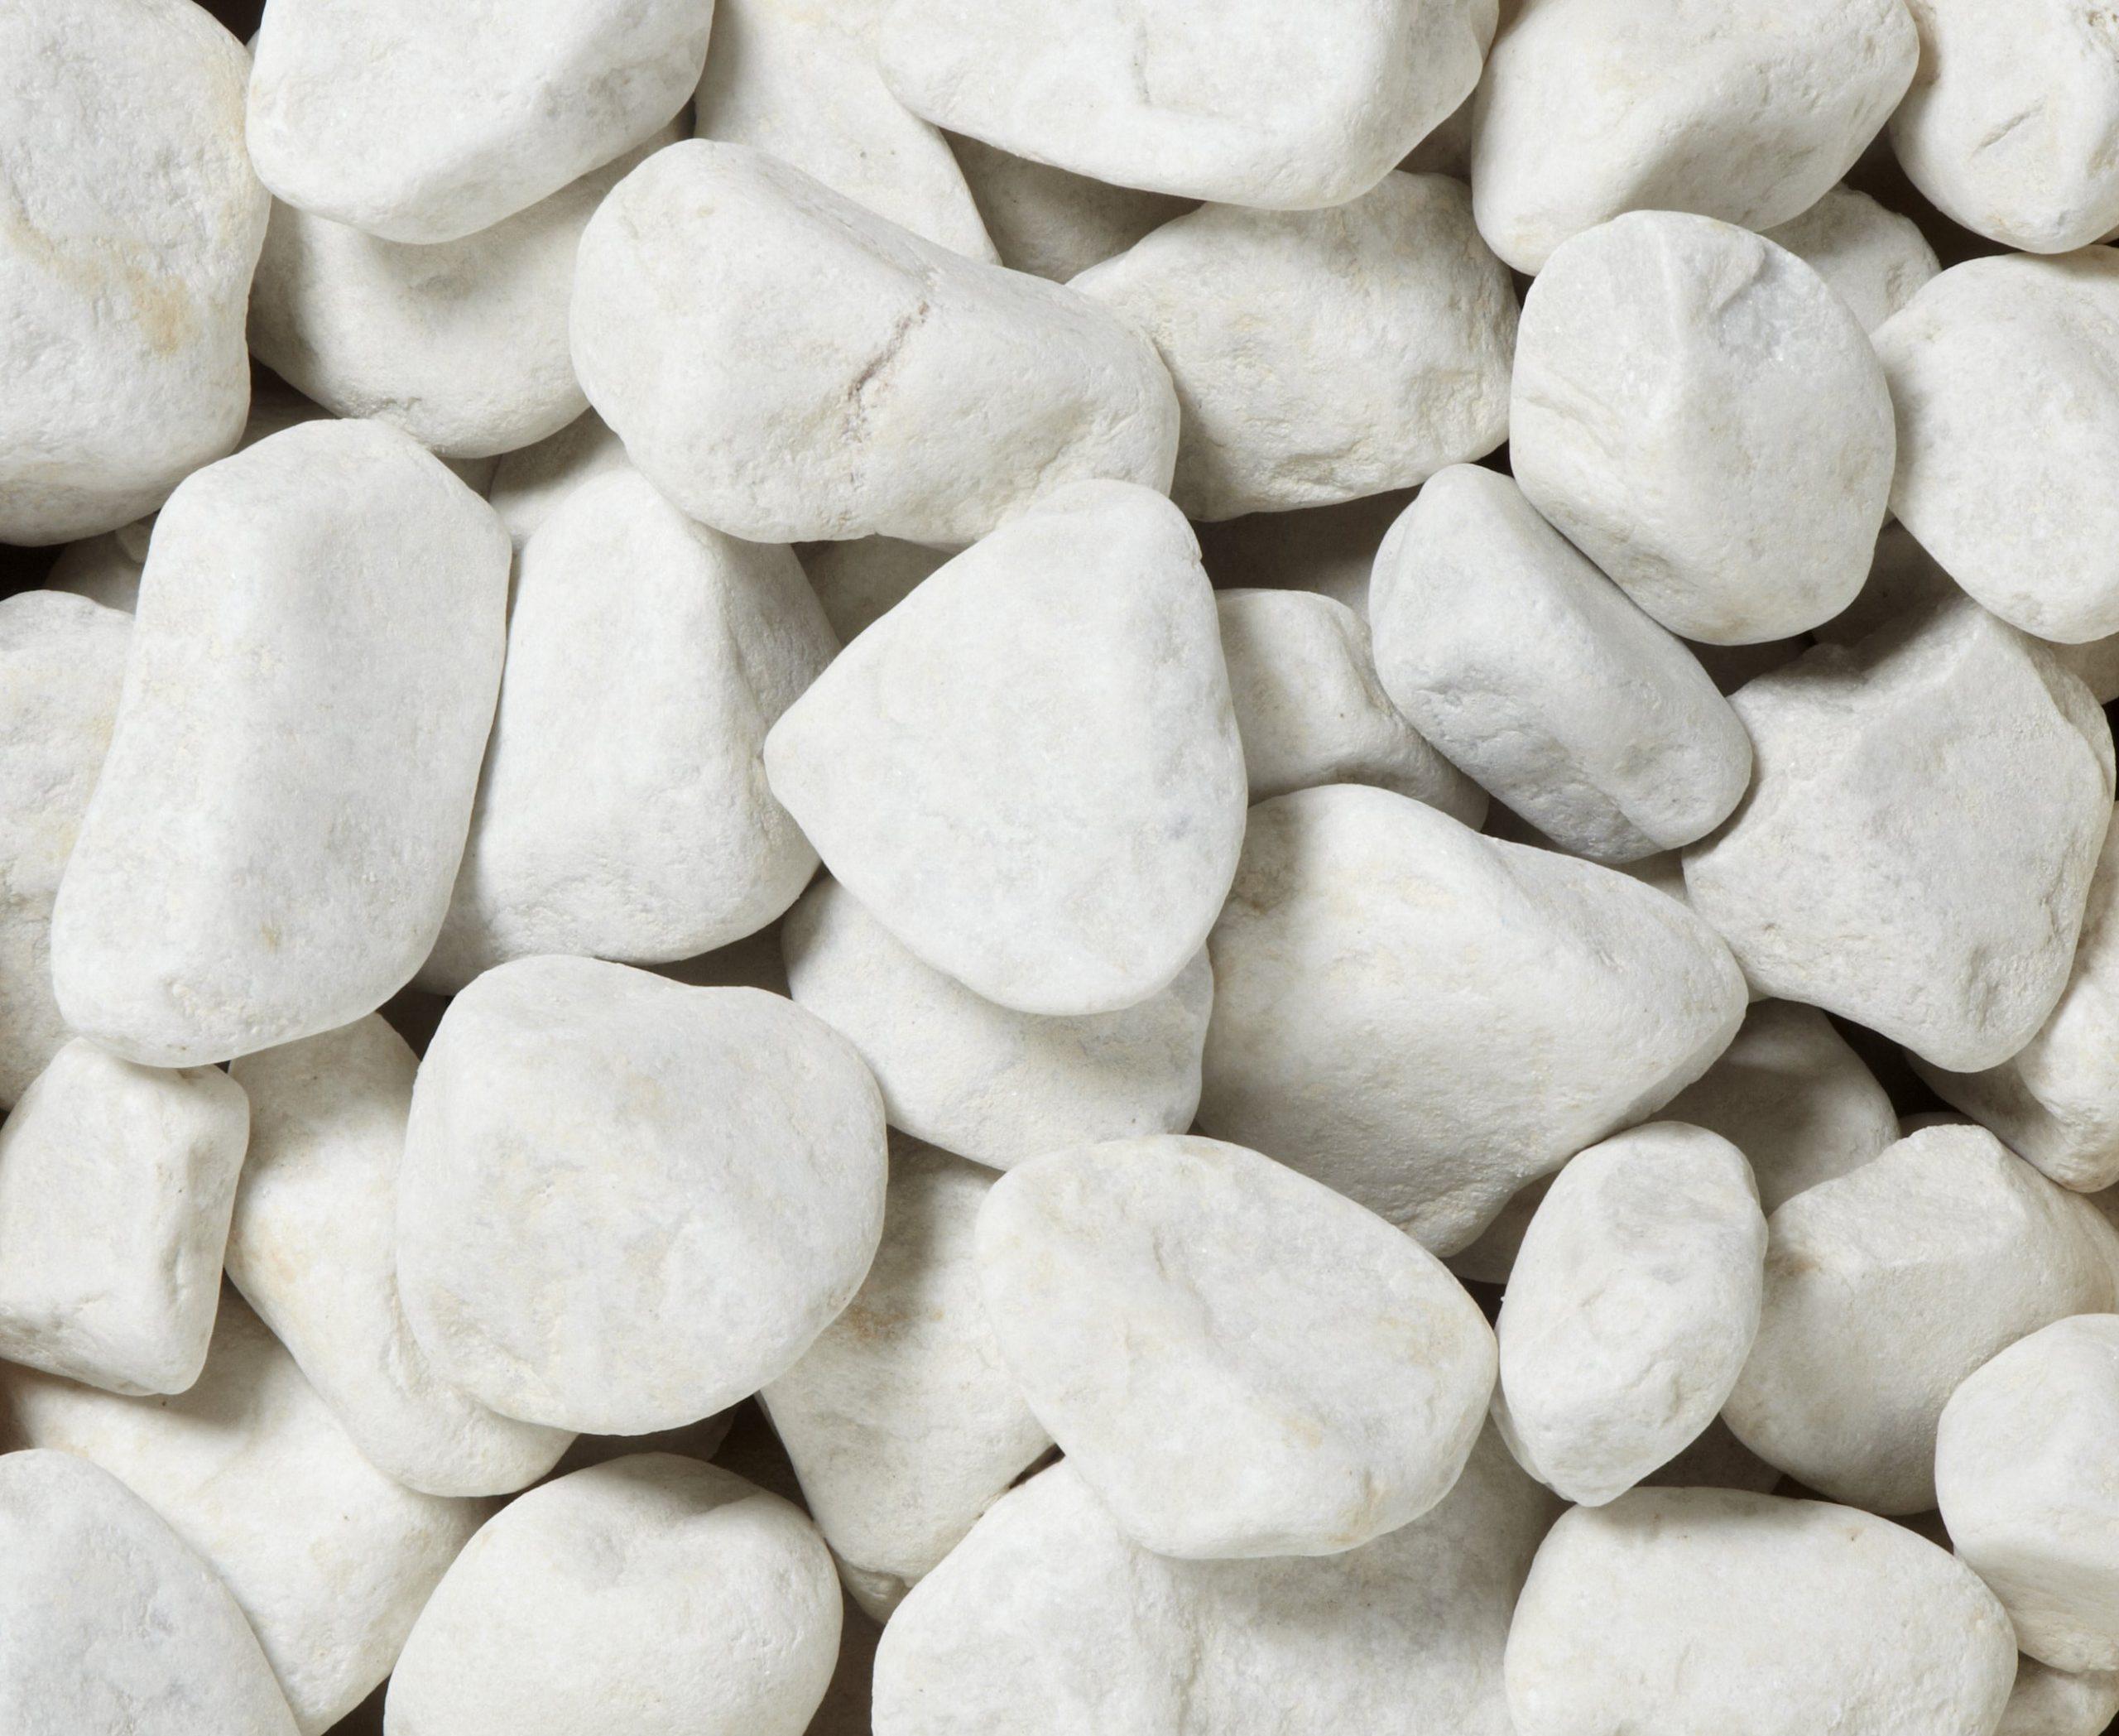 Galets En Marbre Mat, Blanc, 30/50 Mm, 25 Kg intérieur Galets Blancs Pas Cher